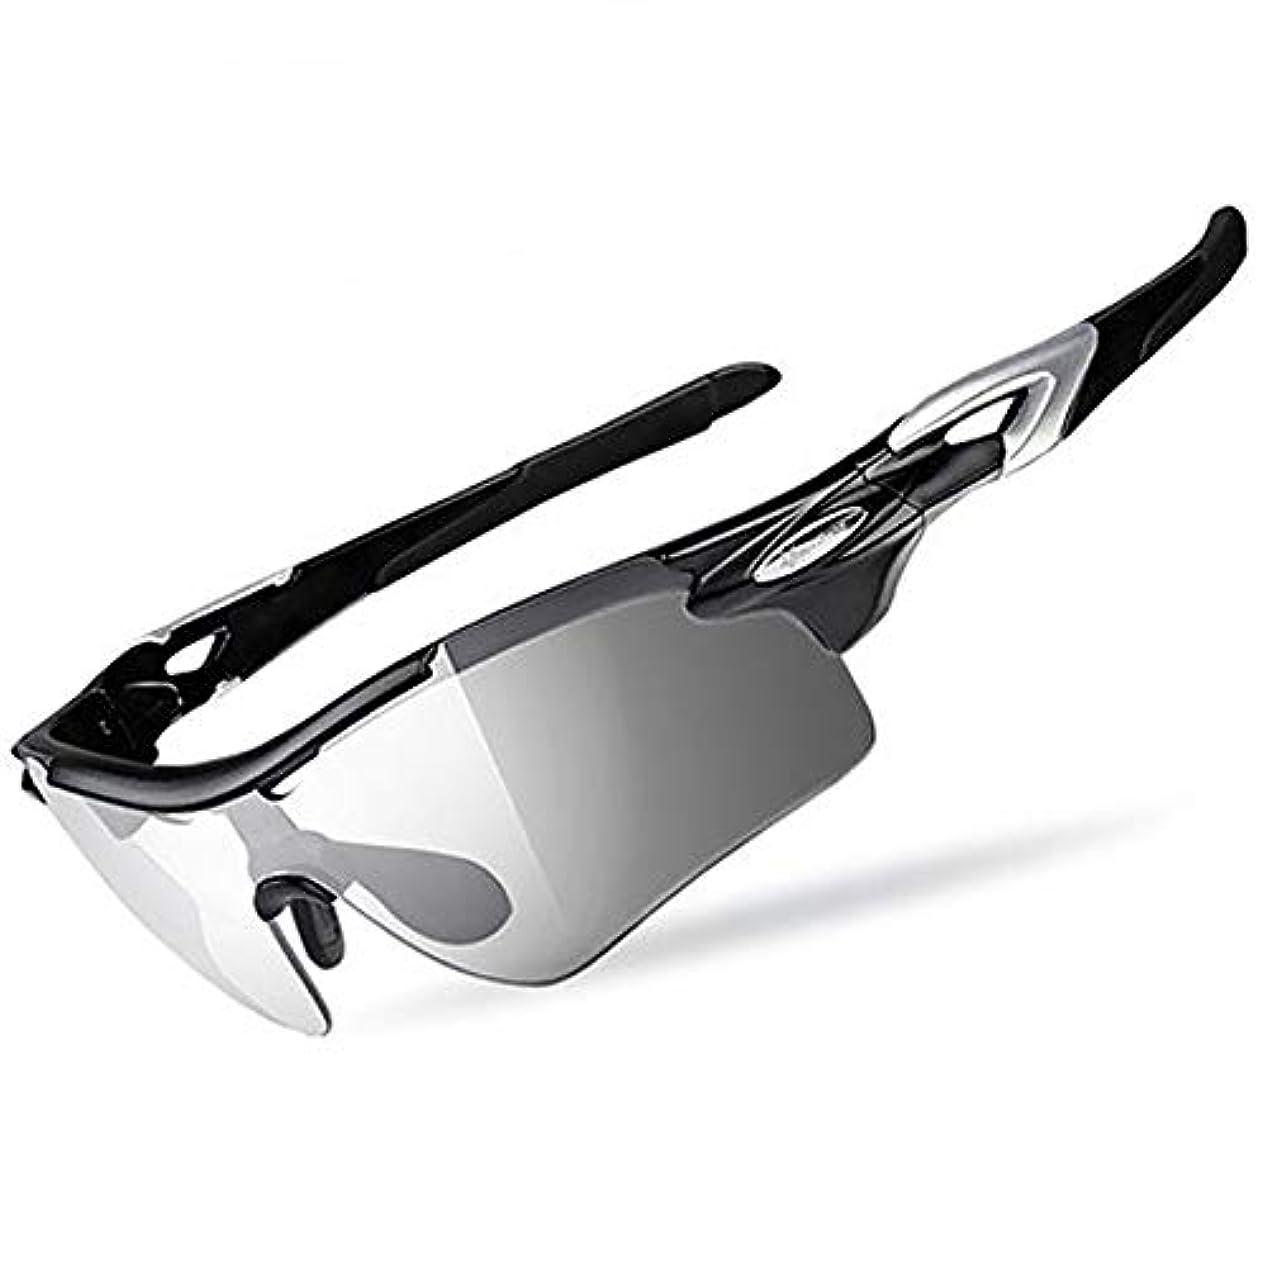 スピーカーイサカ将来のROCKBROS(ロックブロス)調光サングラス 偏光レンズ 自転車 ハーフフレーム式 釣り メガネ 超軽量 紫外線カット 収納ポーチ付き ユニセックス